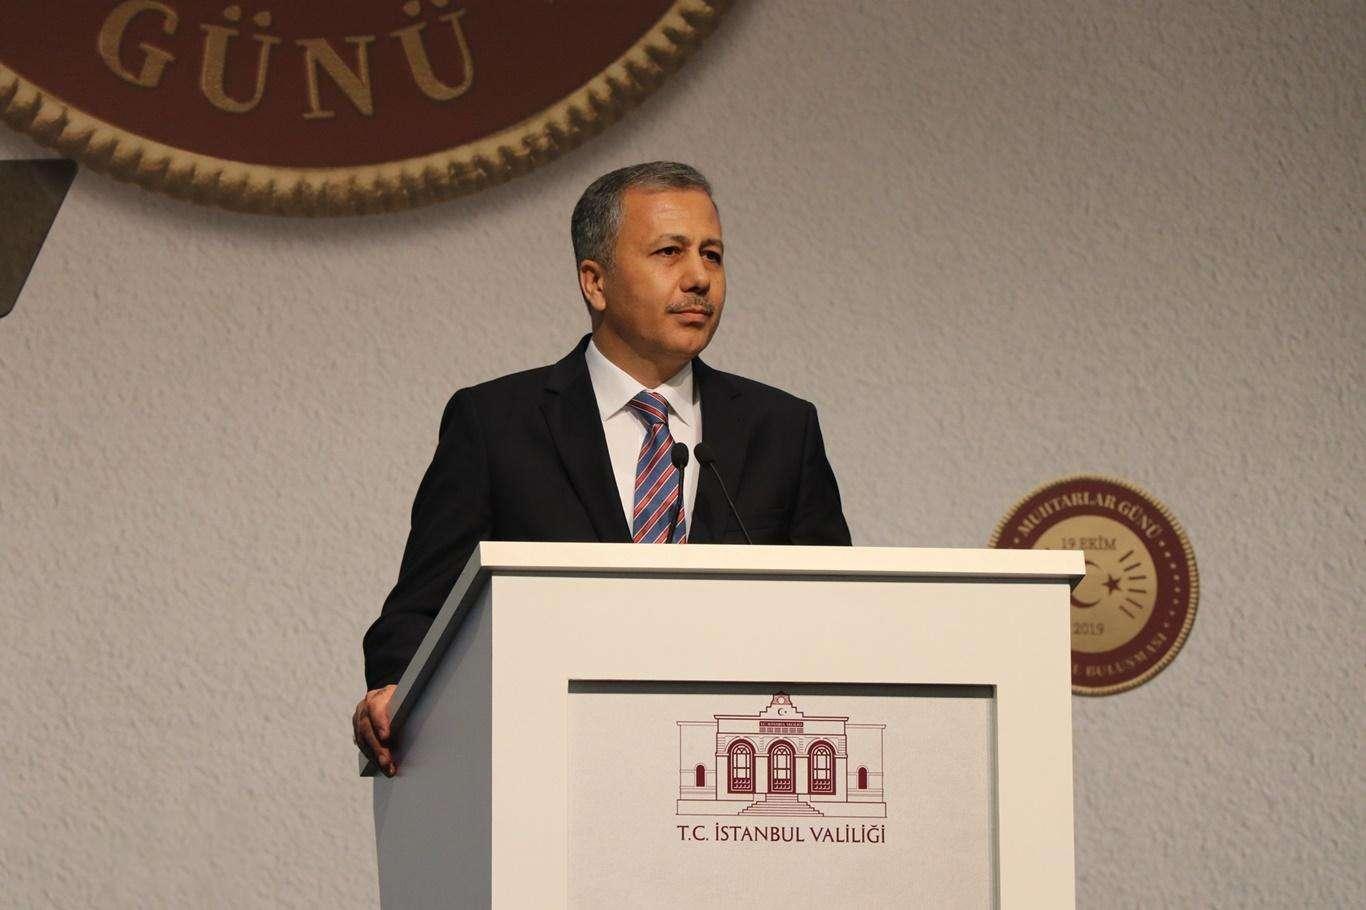 İstanbul Valiliğinden Kadıköy'deki Eylemler Hakkında Açıklama